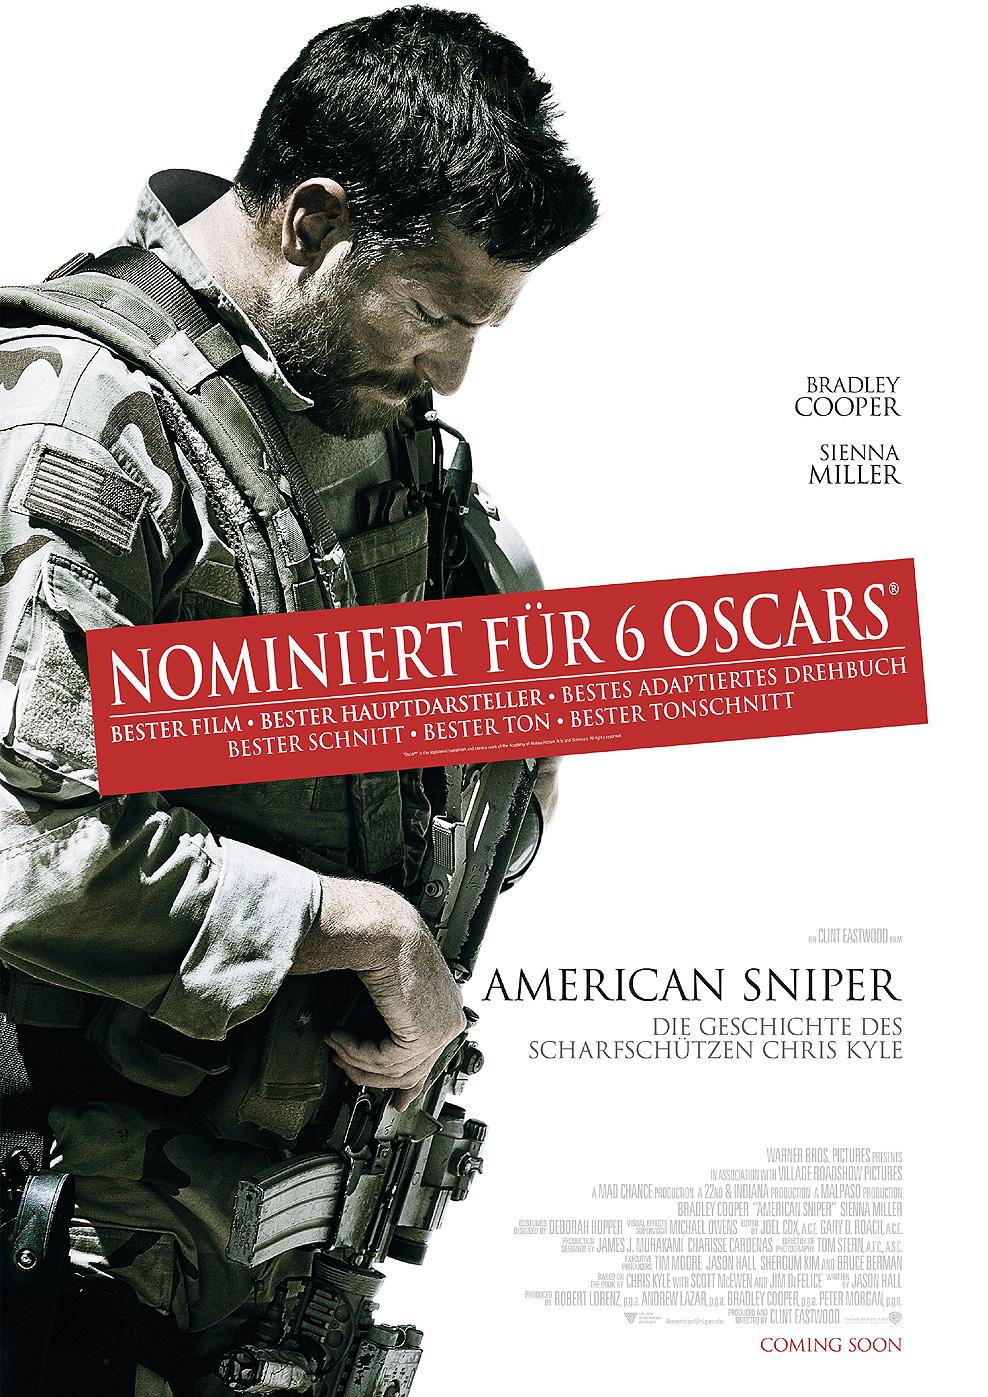 American Sniper - Die Geschichte des Scharfschützen Chris Kyle (Poster)